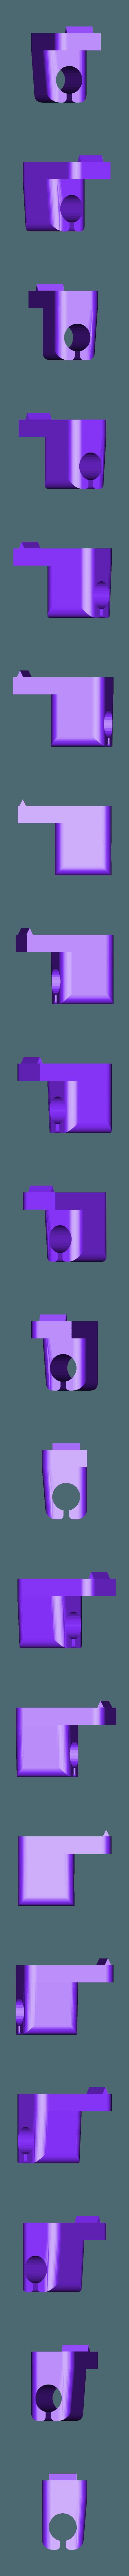 MICROMETRO B.stl Download free STL file Petsfang Micrometer Adapter • 3D print model, Pipapelaa